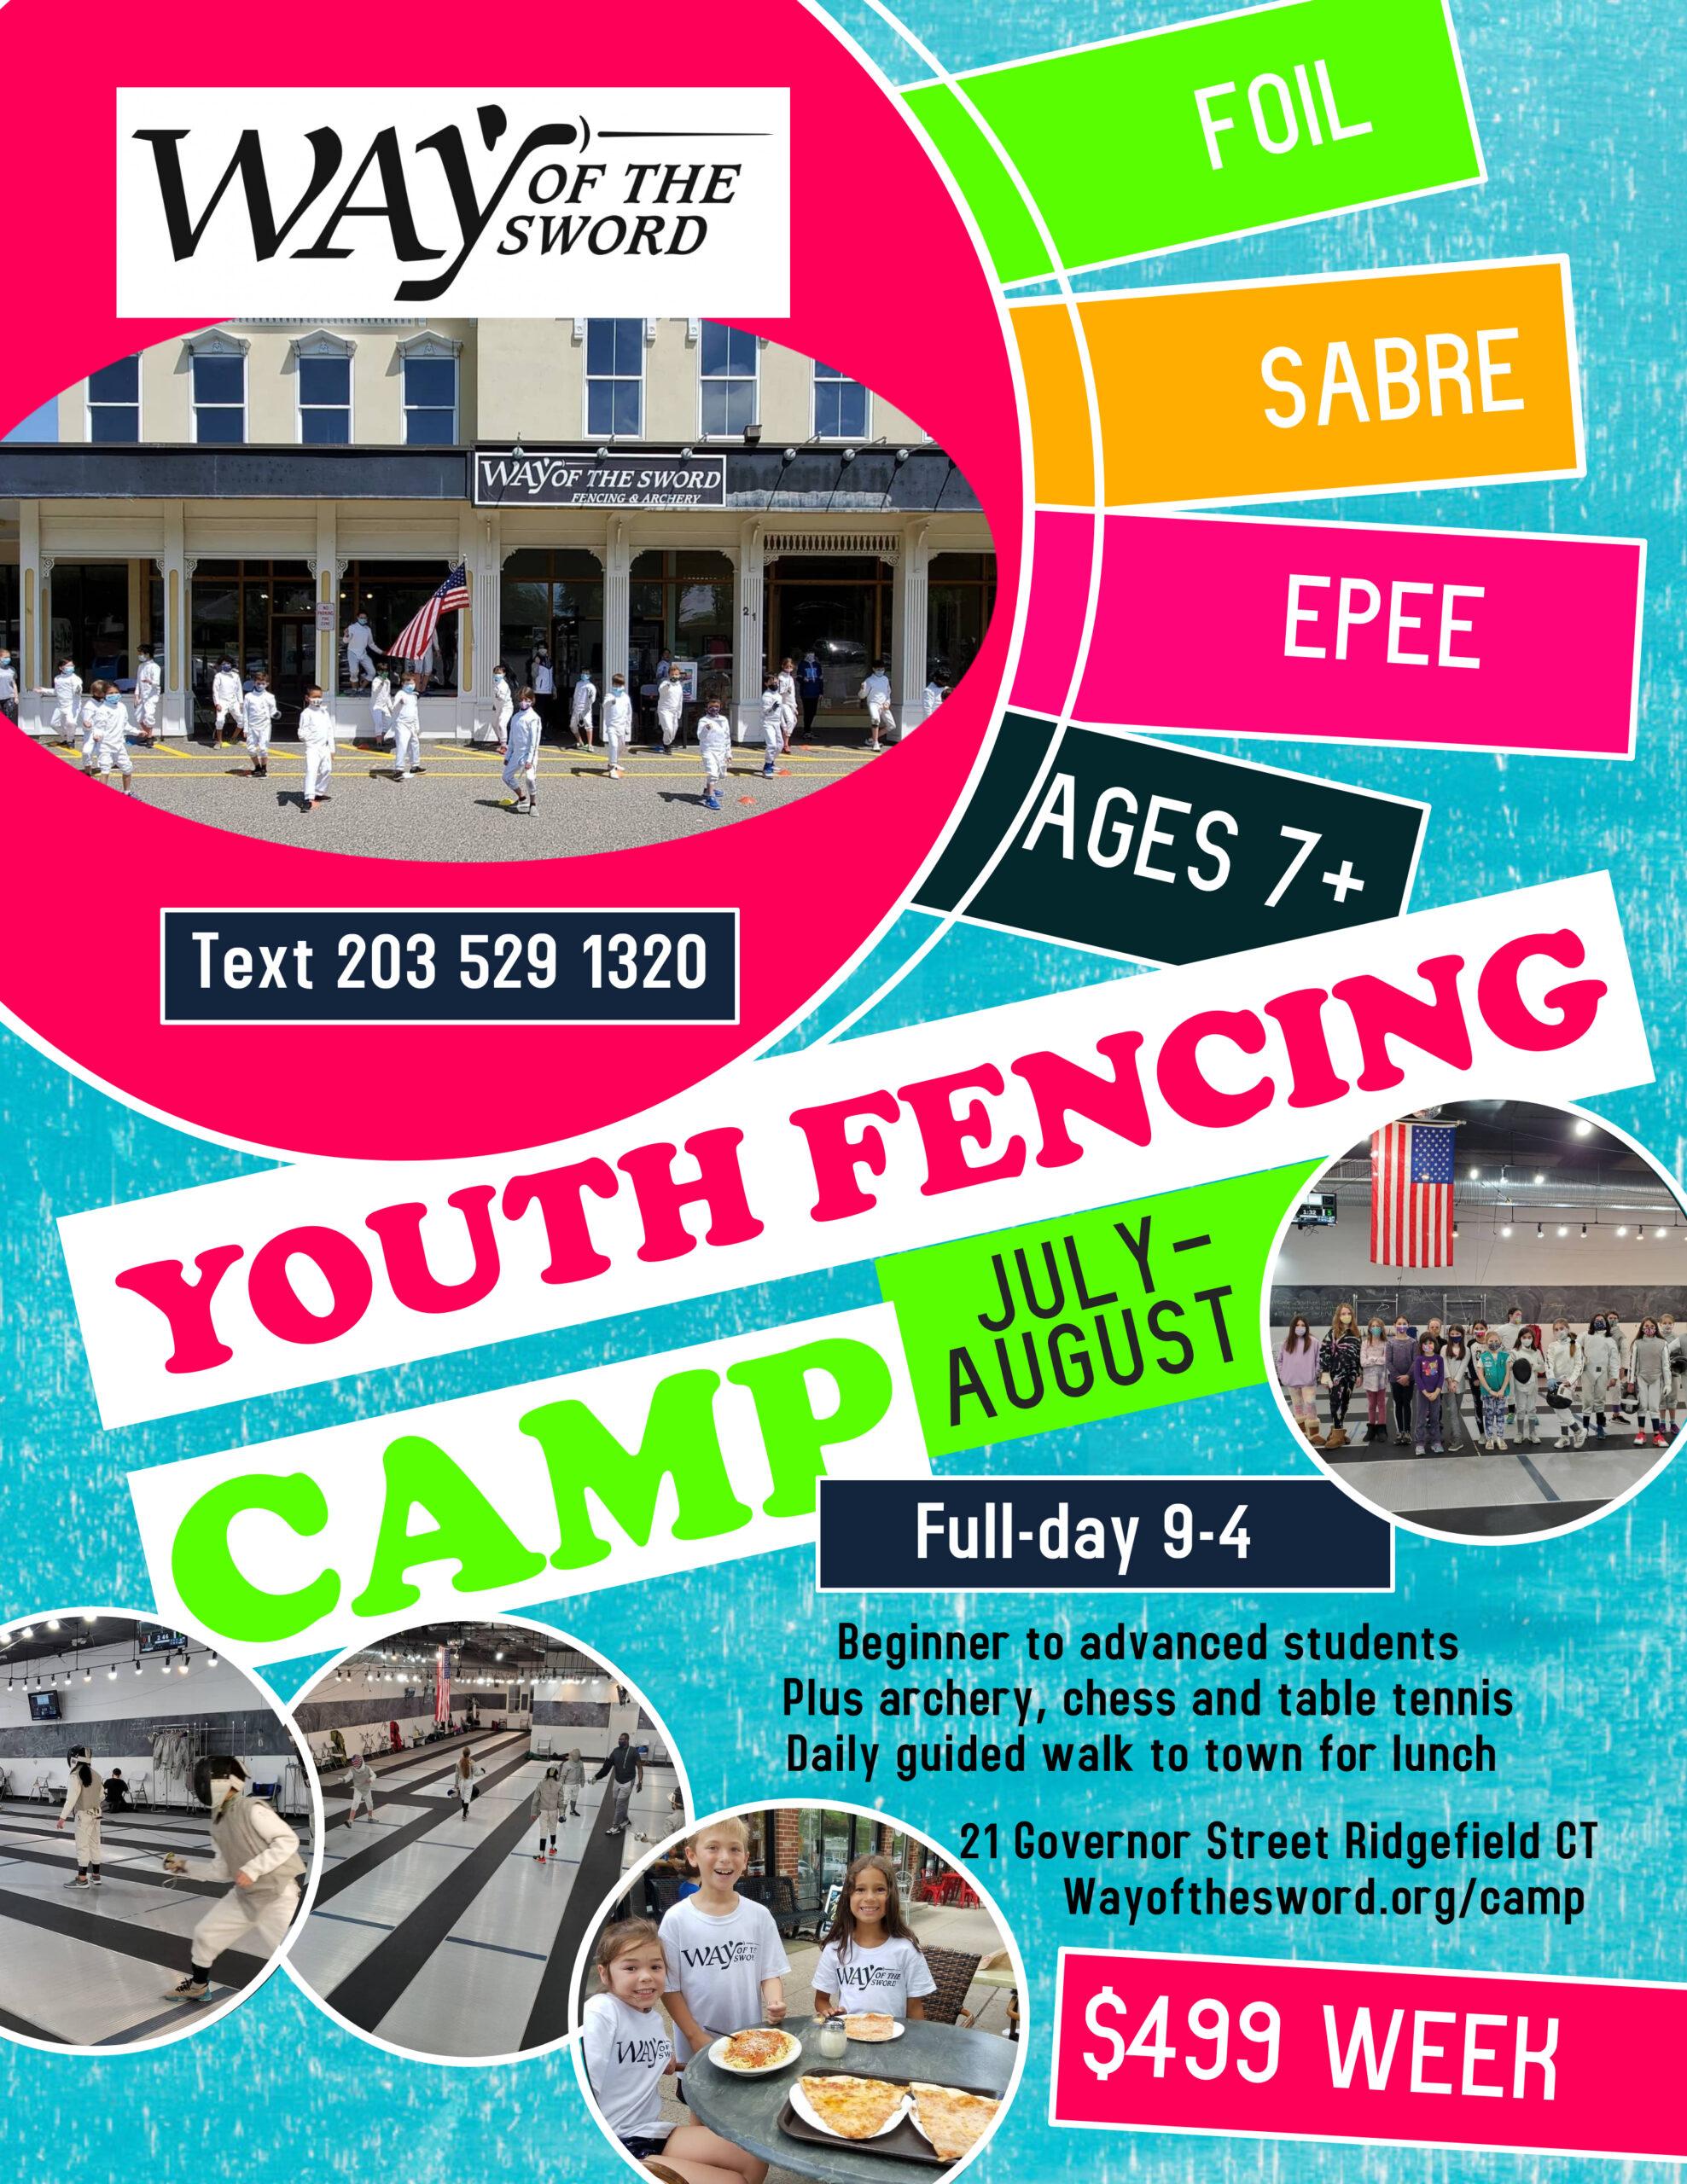 WAY Camp fencing flyer